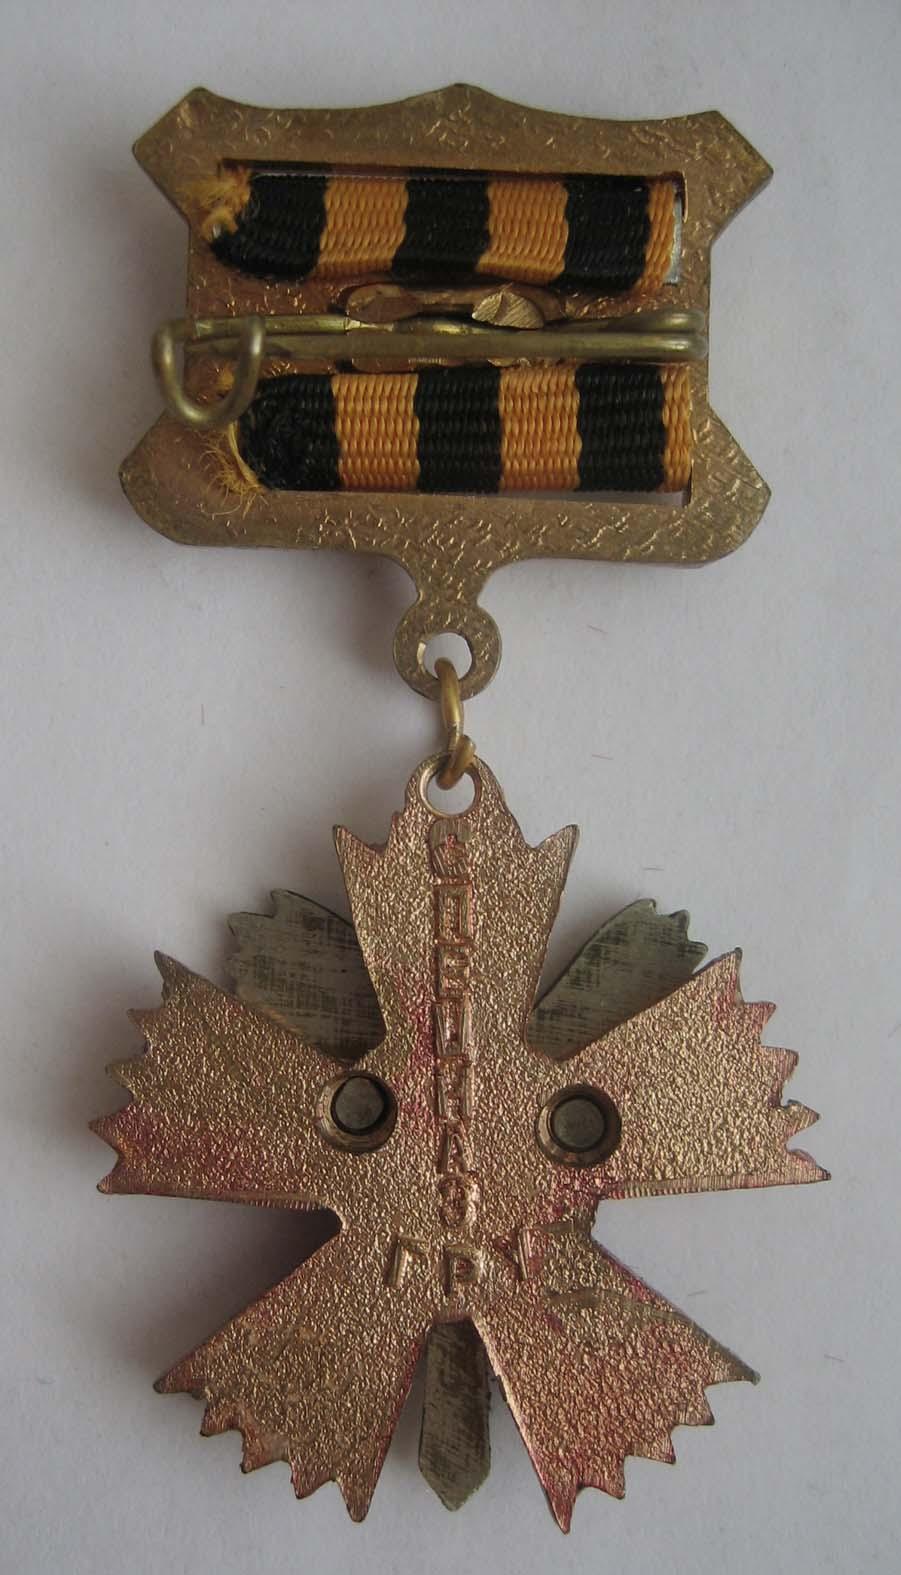 Новая медаль военной разведки Украины: указан основной противник - Россия - Цензор.НЕТ 7111